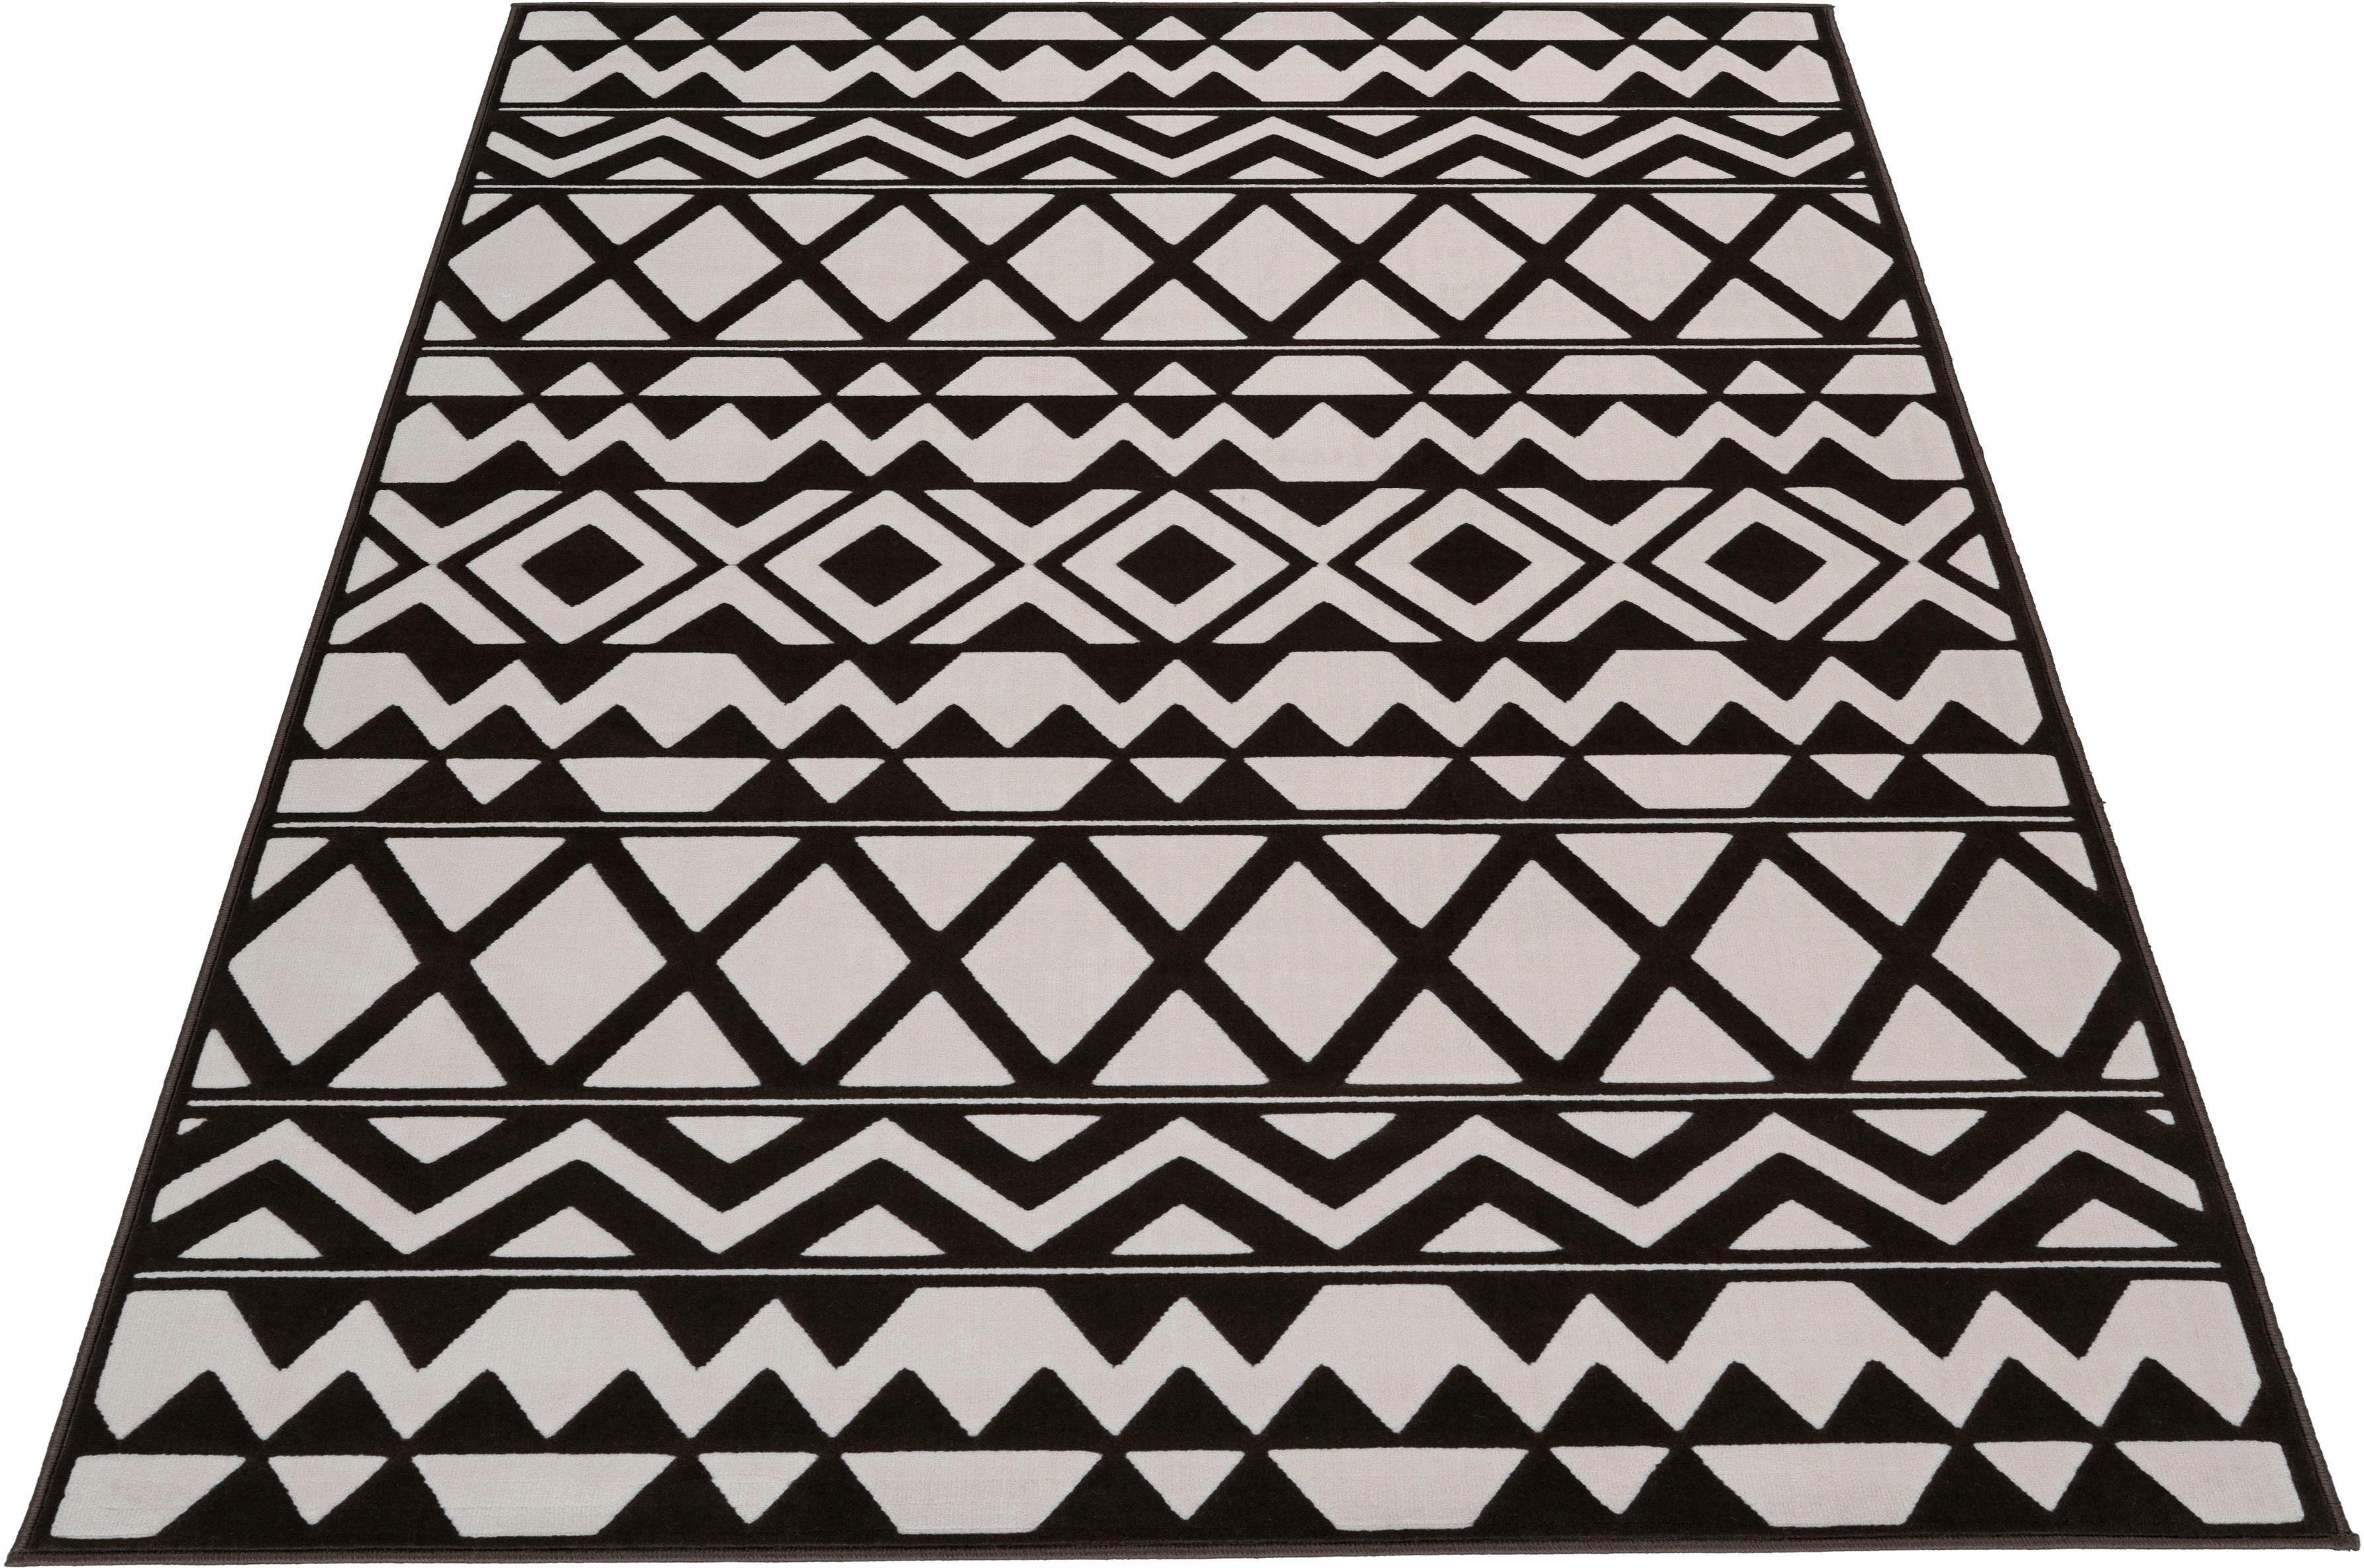 Teppich Mila Home affaire rechteckig Höhe 10 mm maschinell gewebt